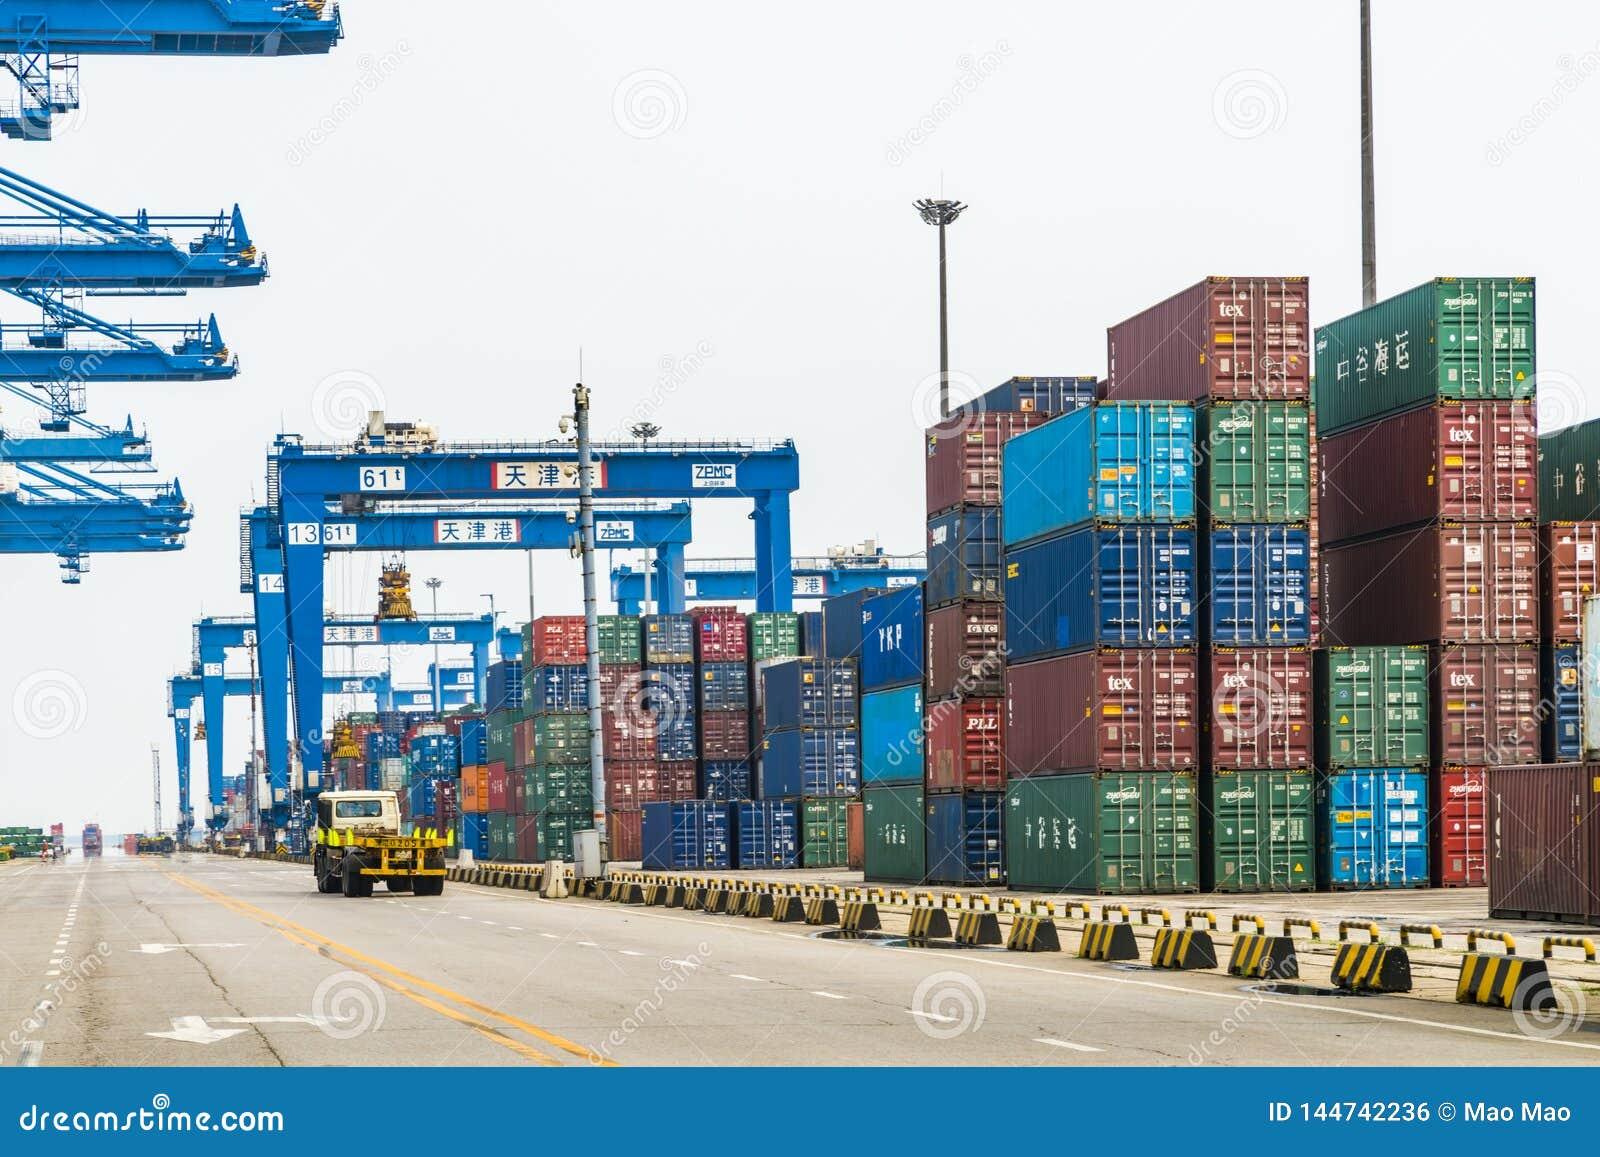 Tianjin Chine - le 4 juillet 2016 : Scène de terminal de fret de conteneur de port de Tianjin